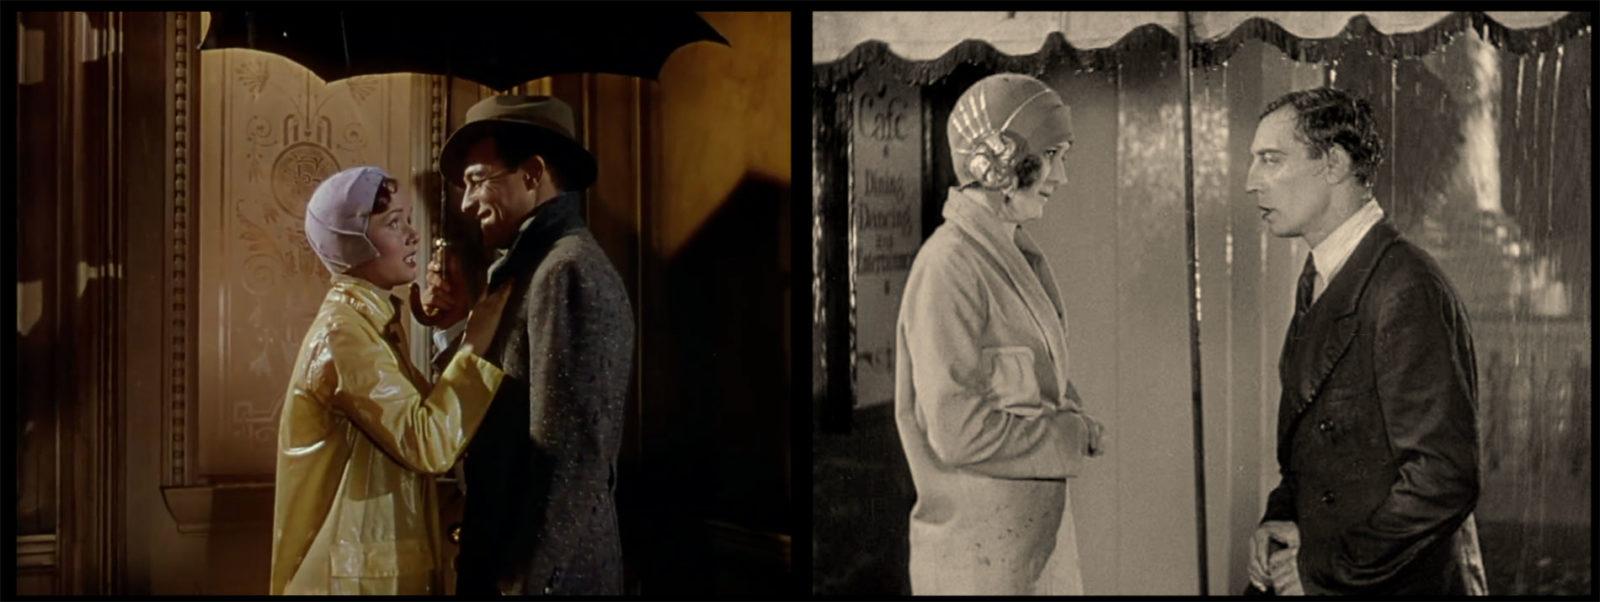 Buster Keaton Gene Kelly